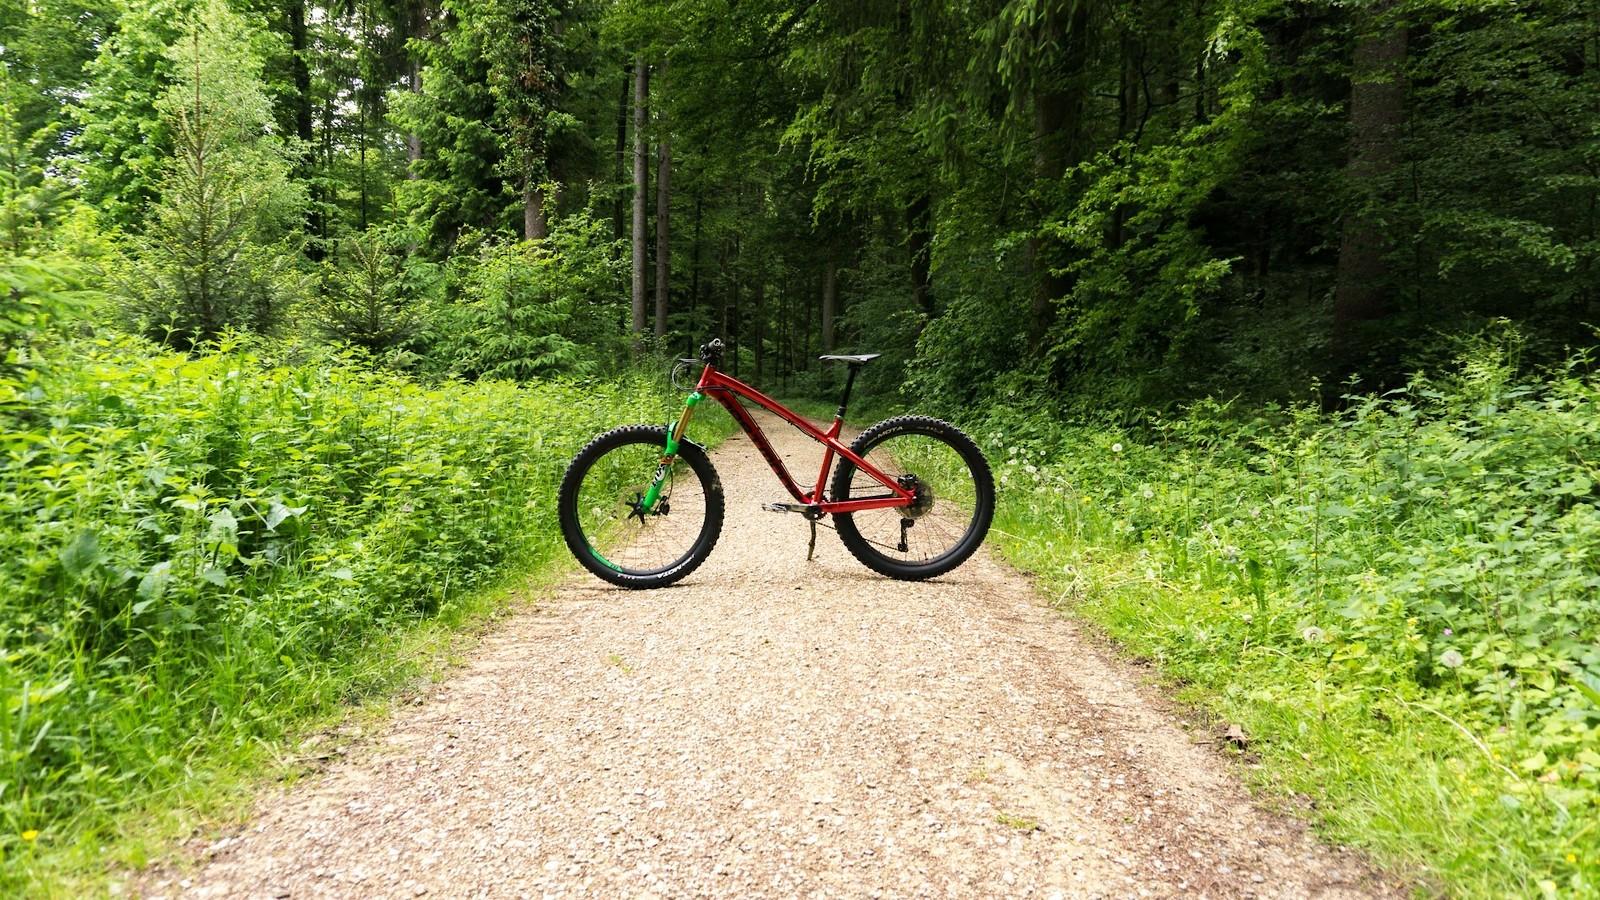 036 - allmountain.ch - Mountain Biking Pictures - Vital MTB